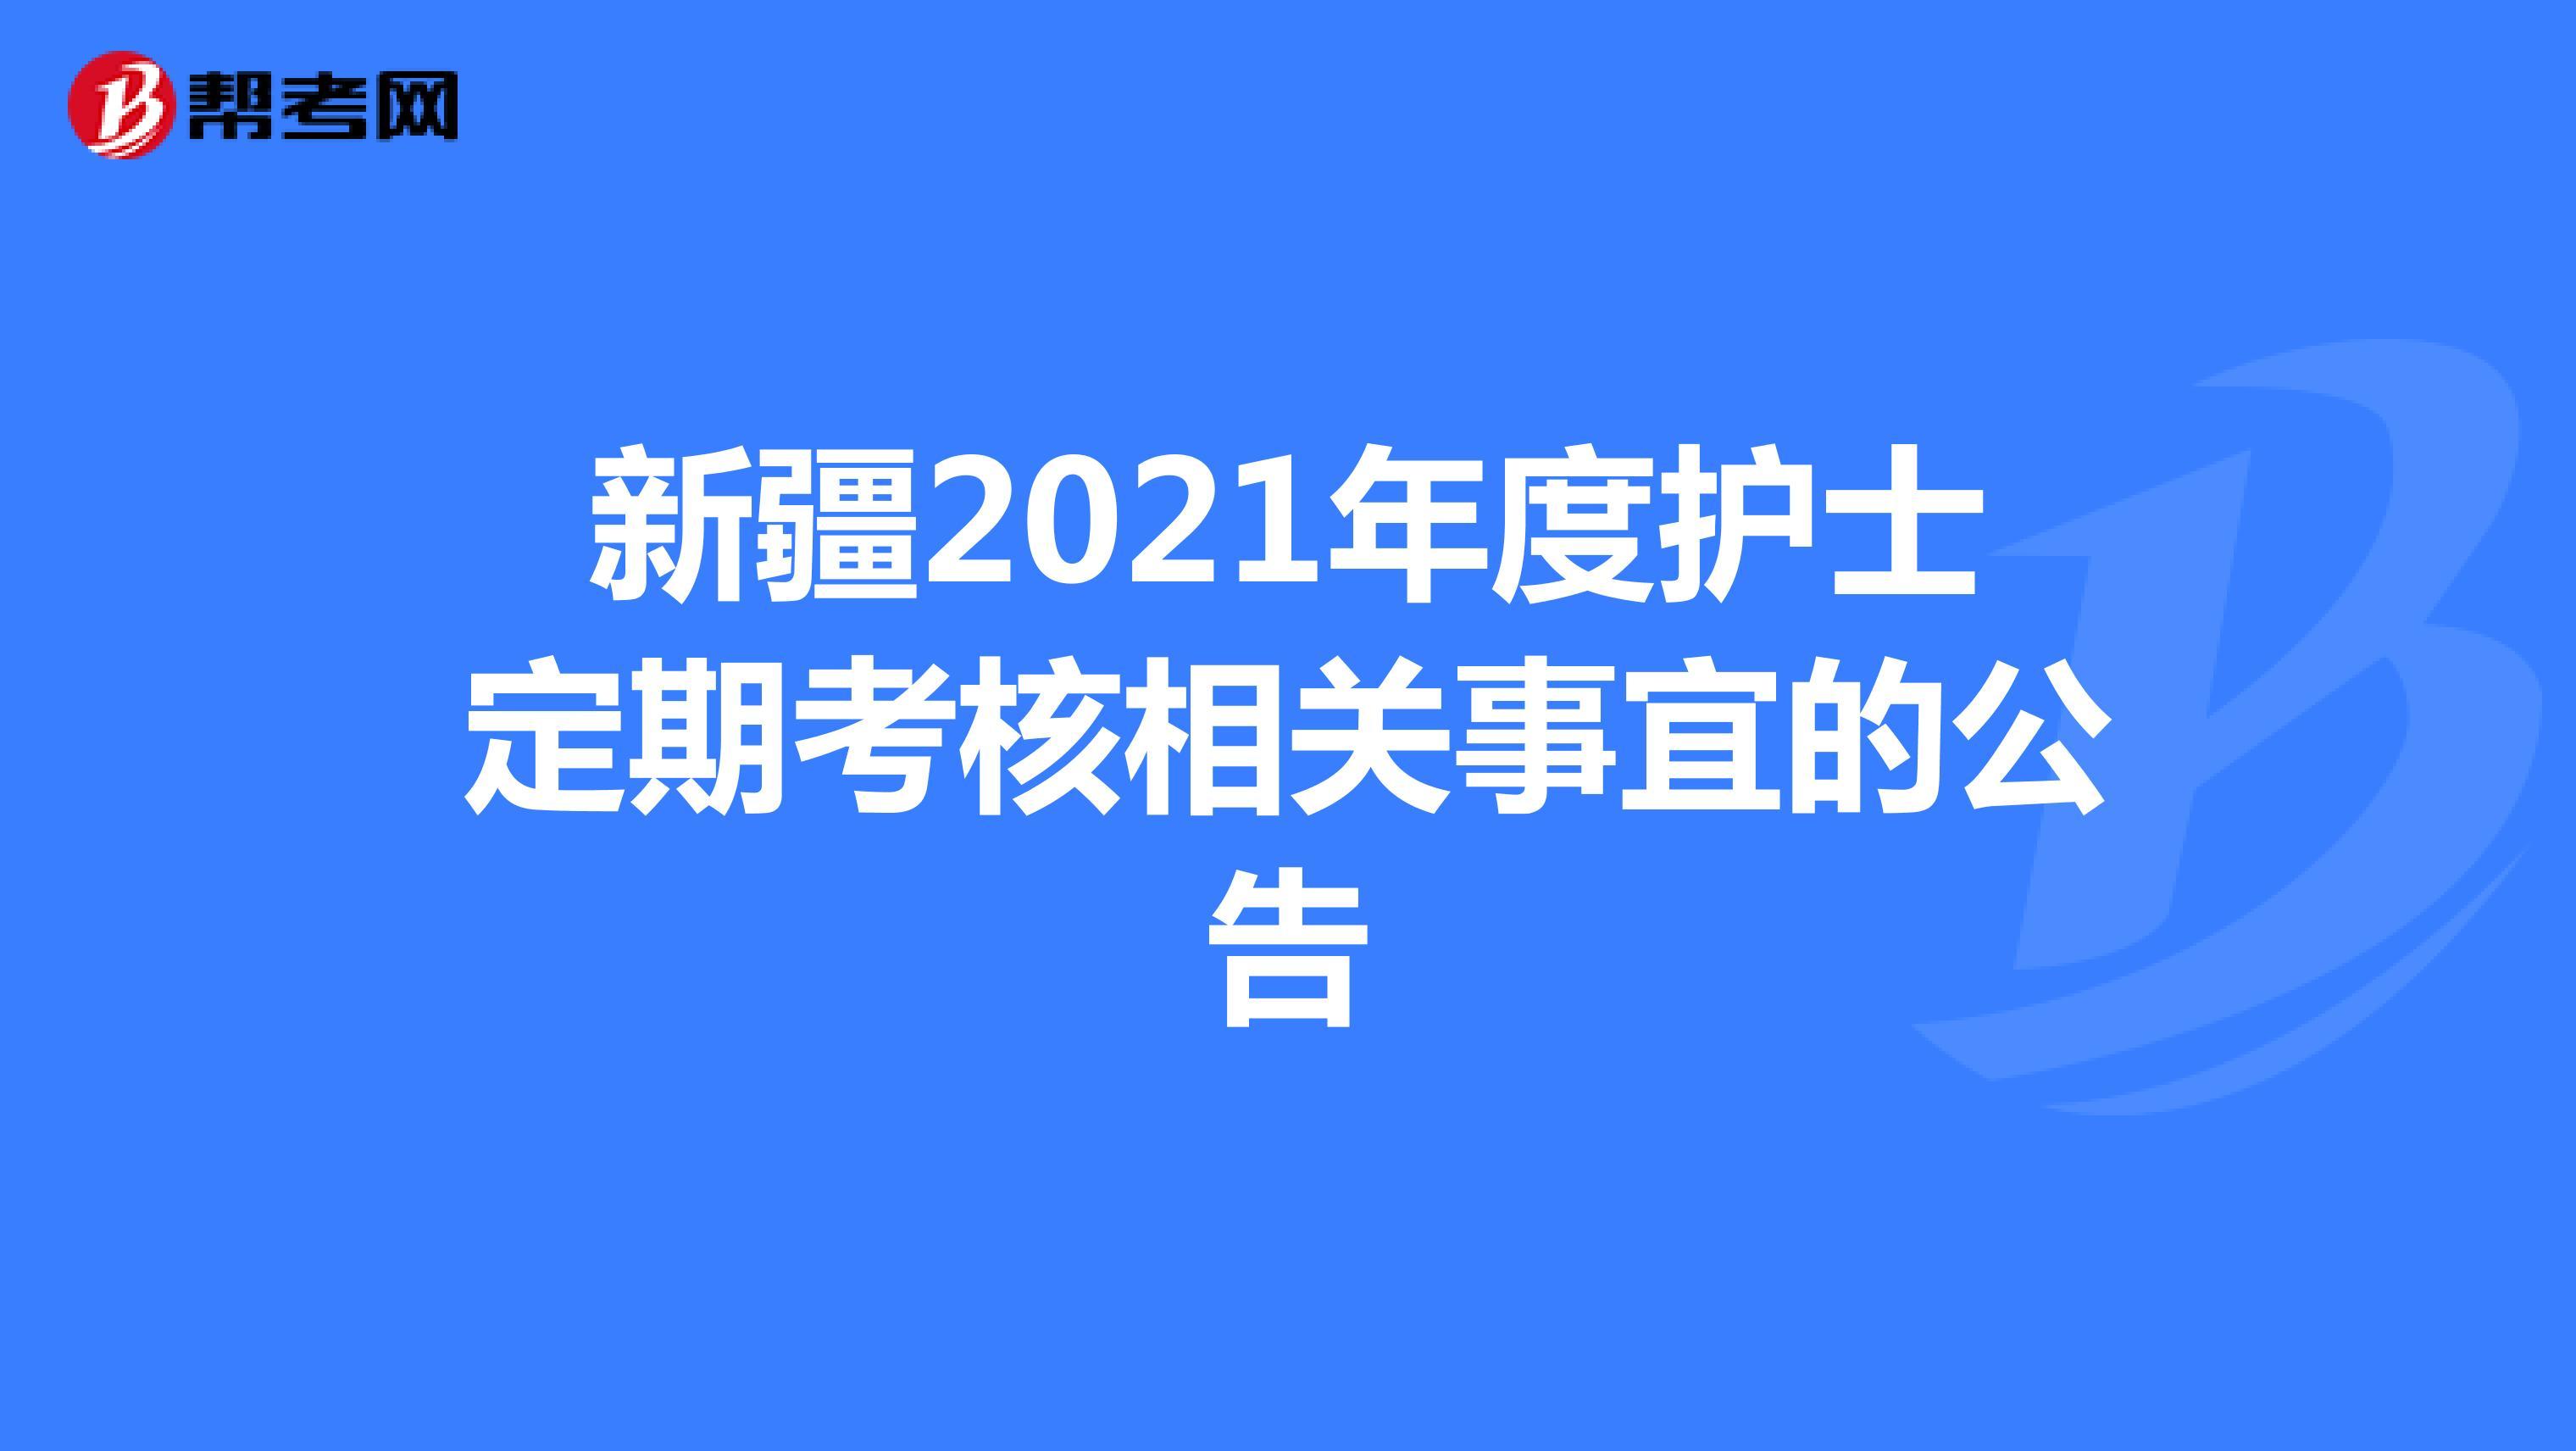 新疆2021年度護士定期考核相關事宜的公告